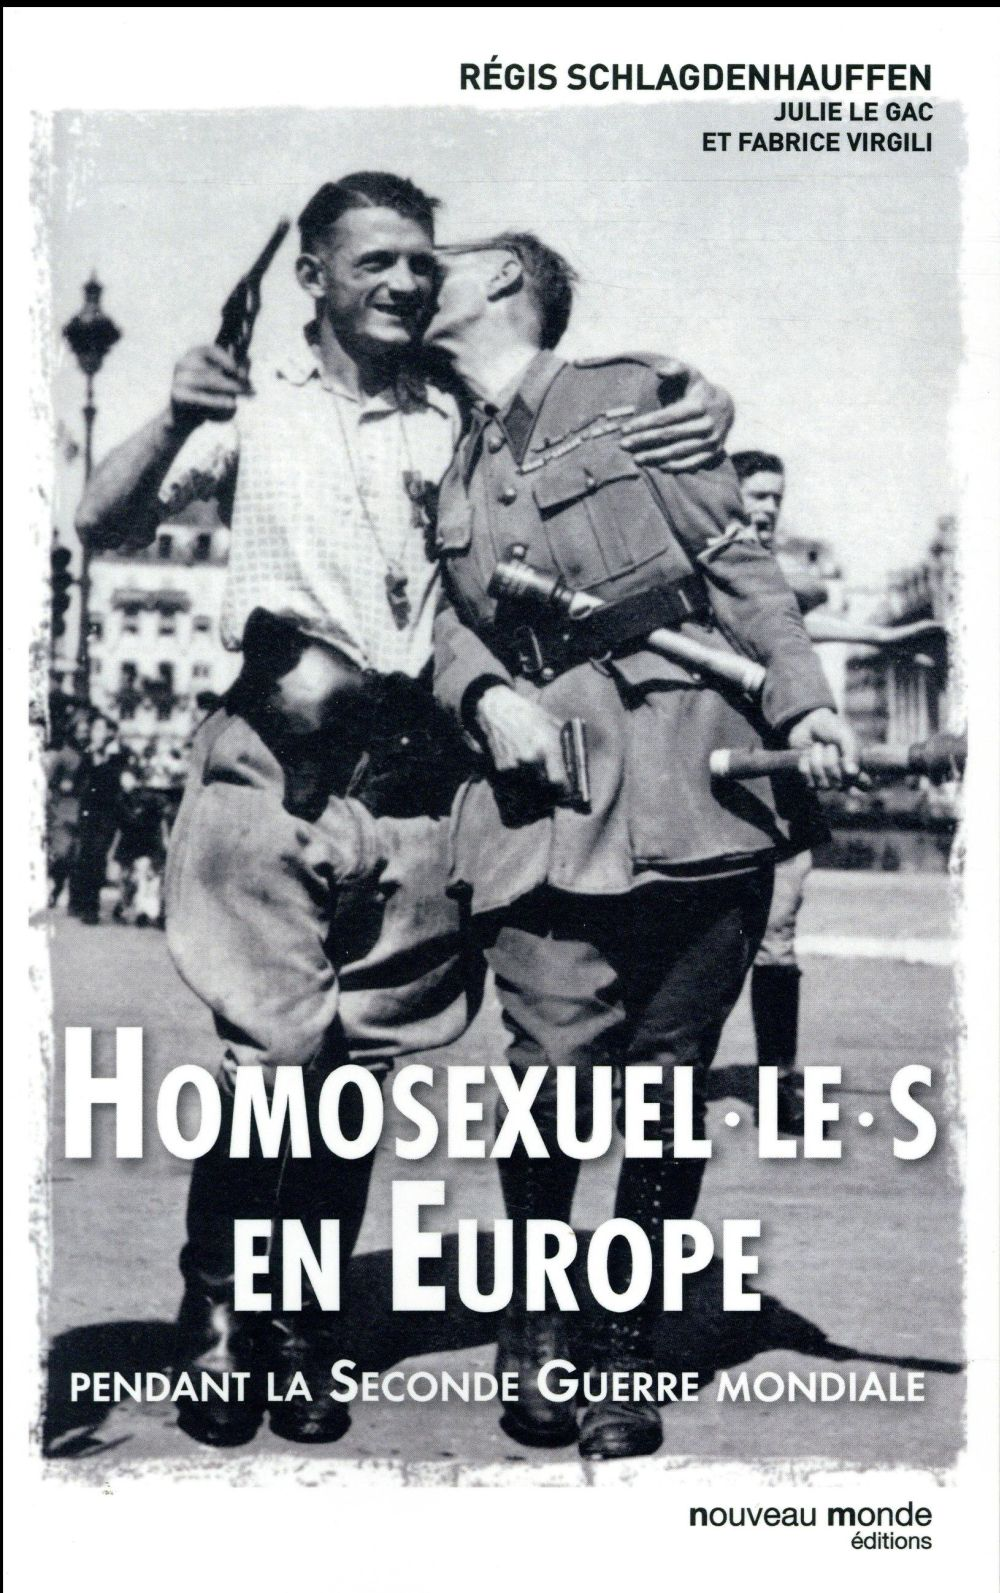 HOMOSEXUEL.LE.S EN EUROPE